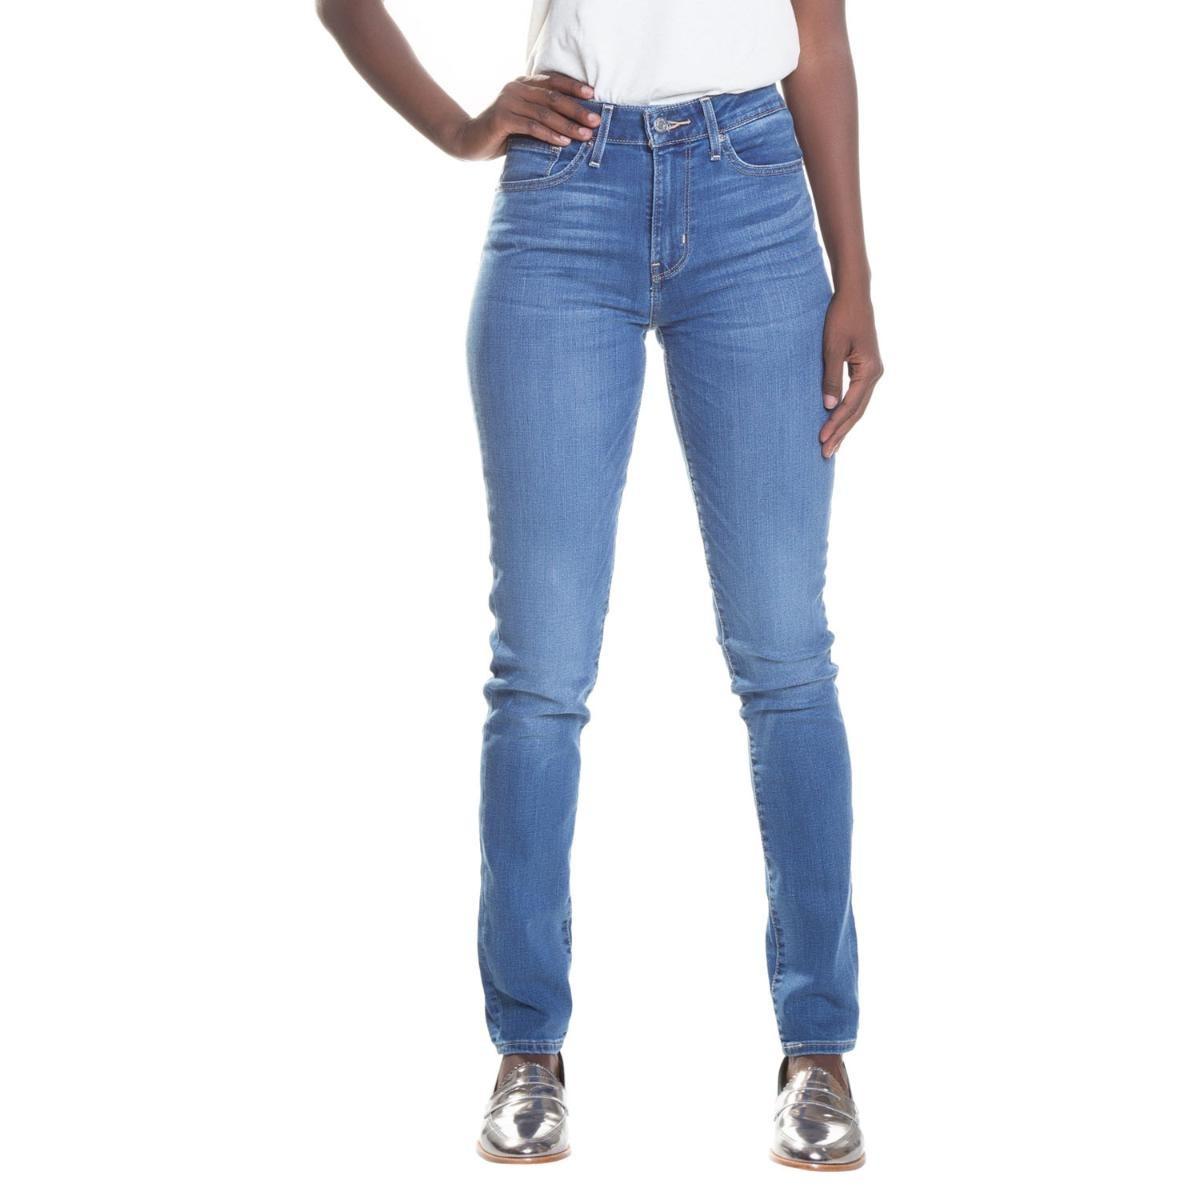 Calça Jeans 721 High Rise Skinny Levis 188820062 - R  299,90 em ... 36ddca40e6